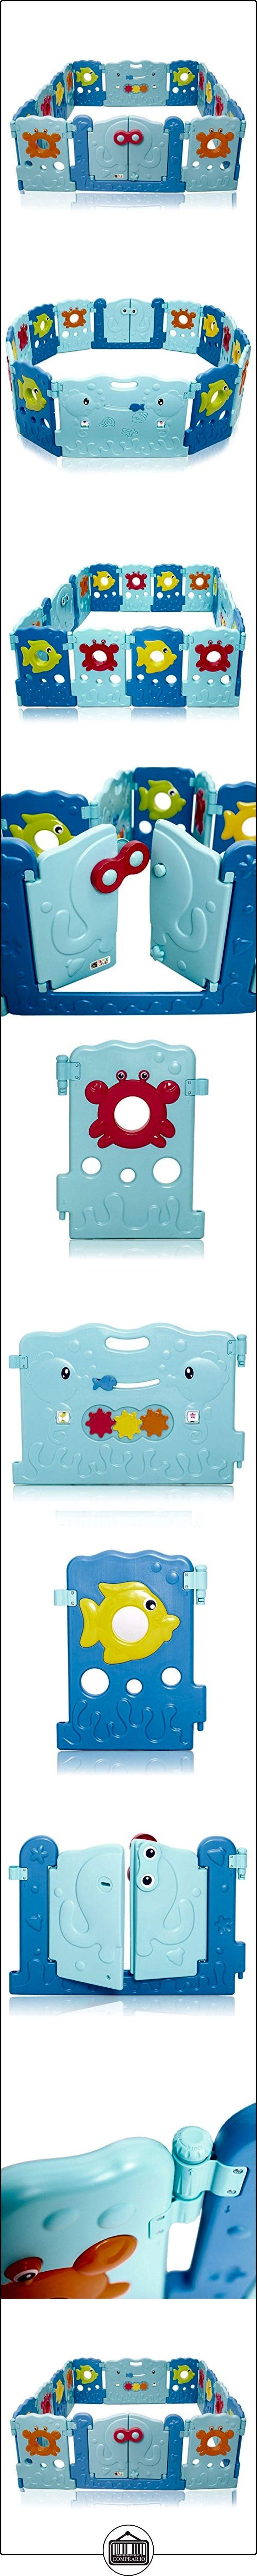 BABY VIVO Parque corralito plegable puerta robusto plastico bebe barrera de seguridad jugar Sea World  ✿ Seguridad para tu bebé - (Protege a tus hijos) ✿ ▬► Ver oferta: http://comprar.io/goto/B06XCGPTHX